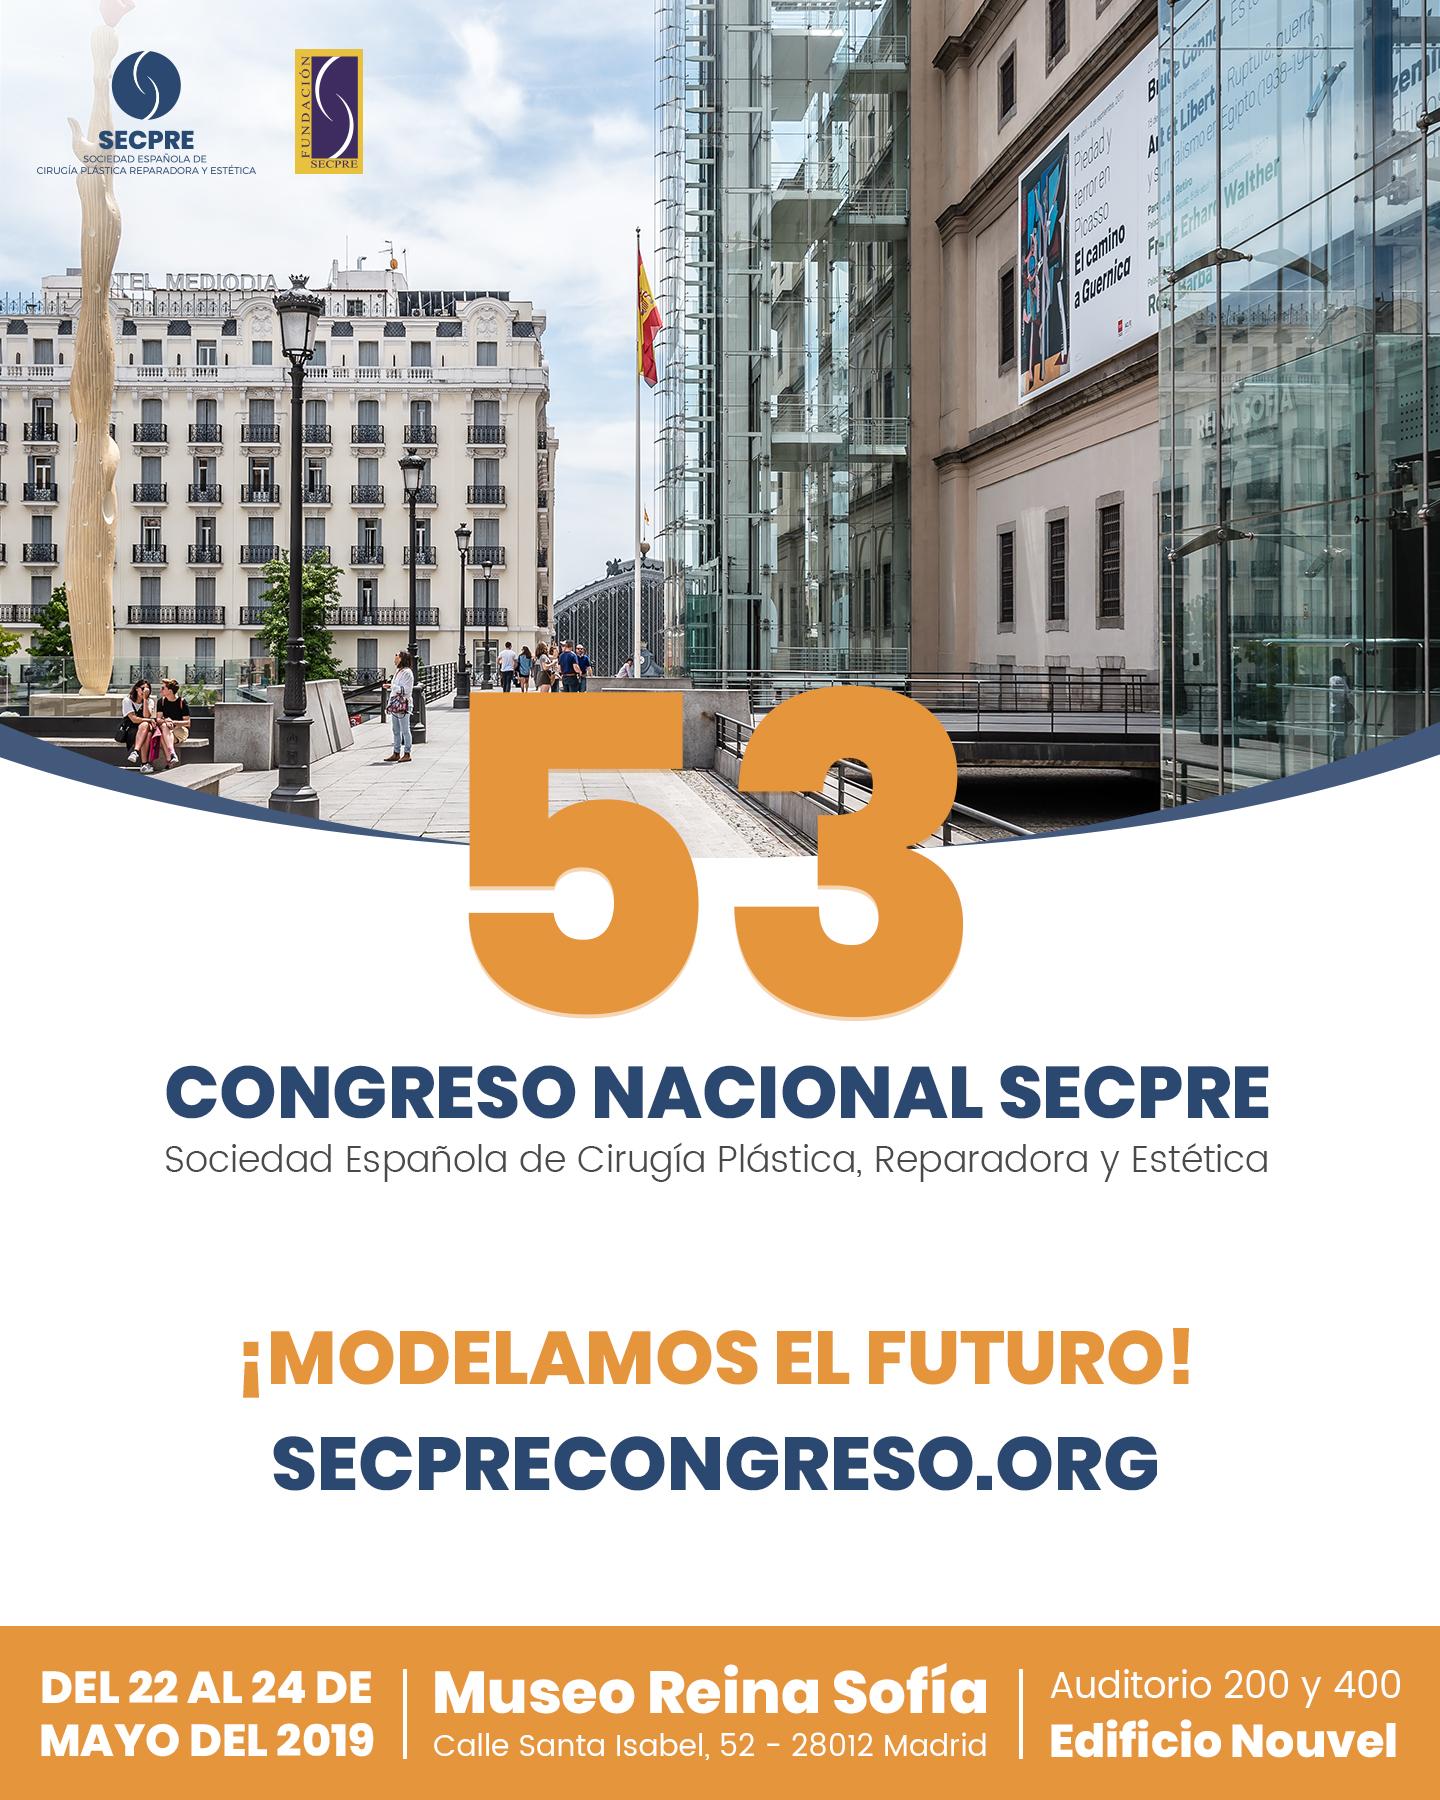 Congreso nacional 2019 SECPRE: Sociedad Española de Cirugía Plástica, Reparadora y Estética